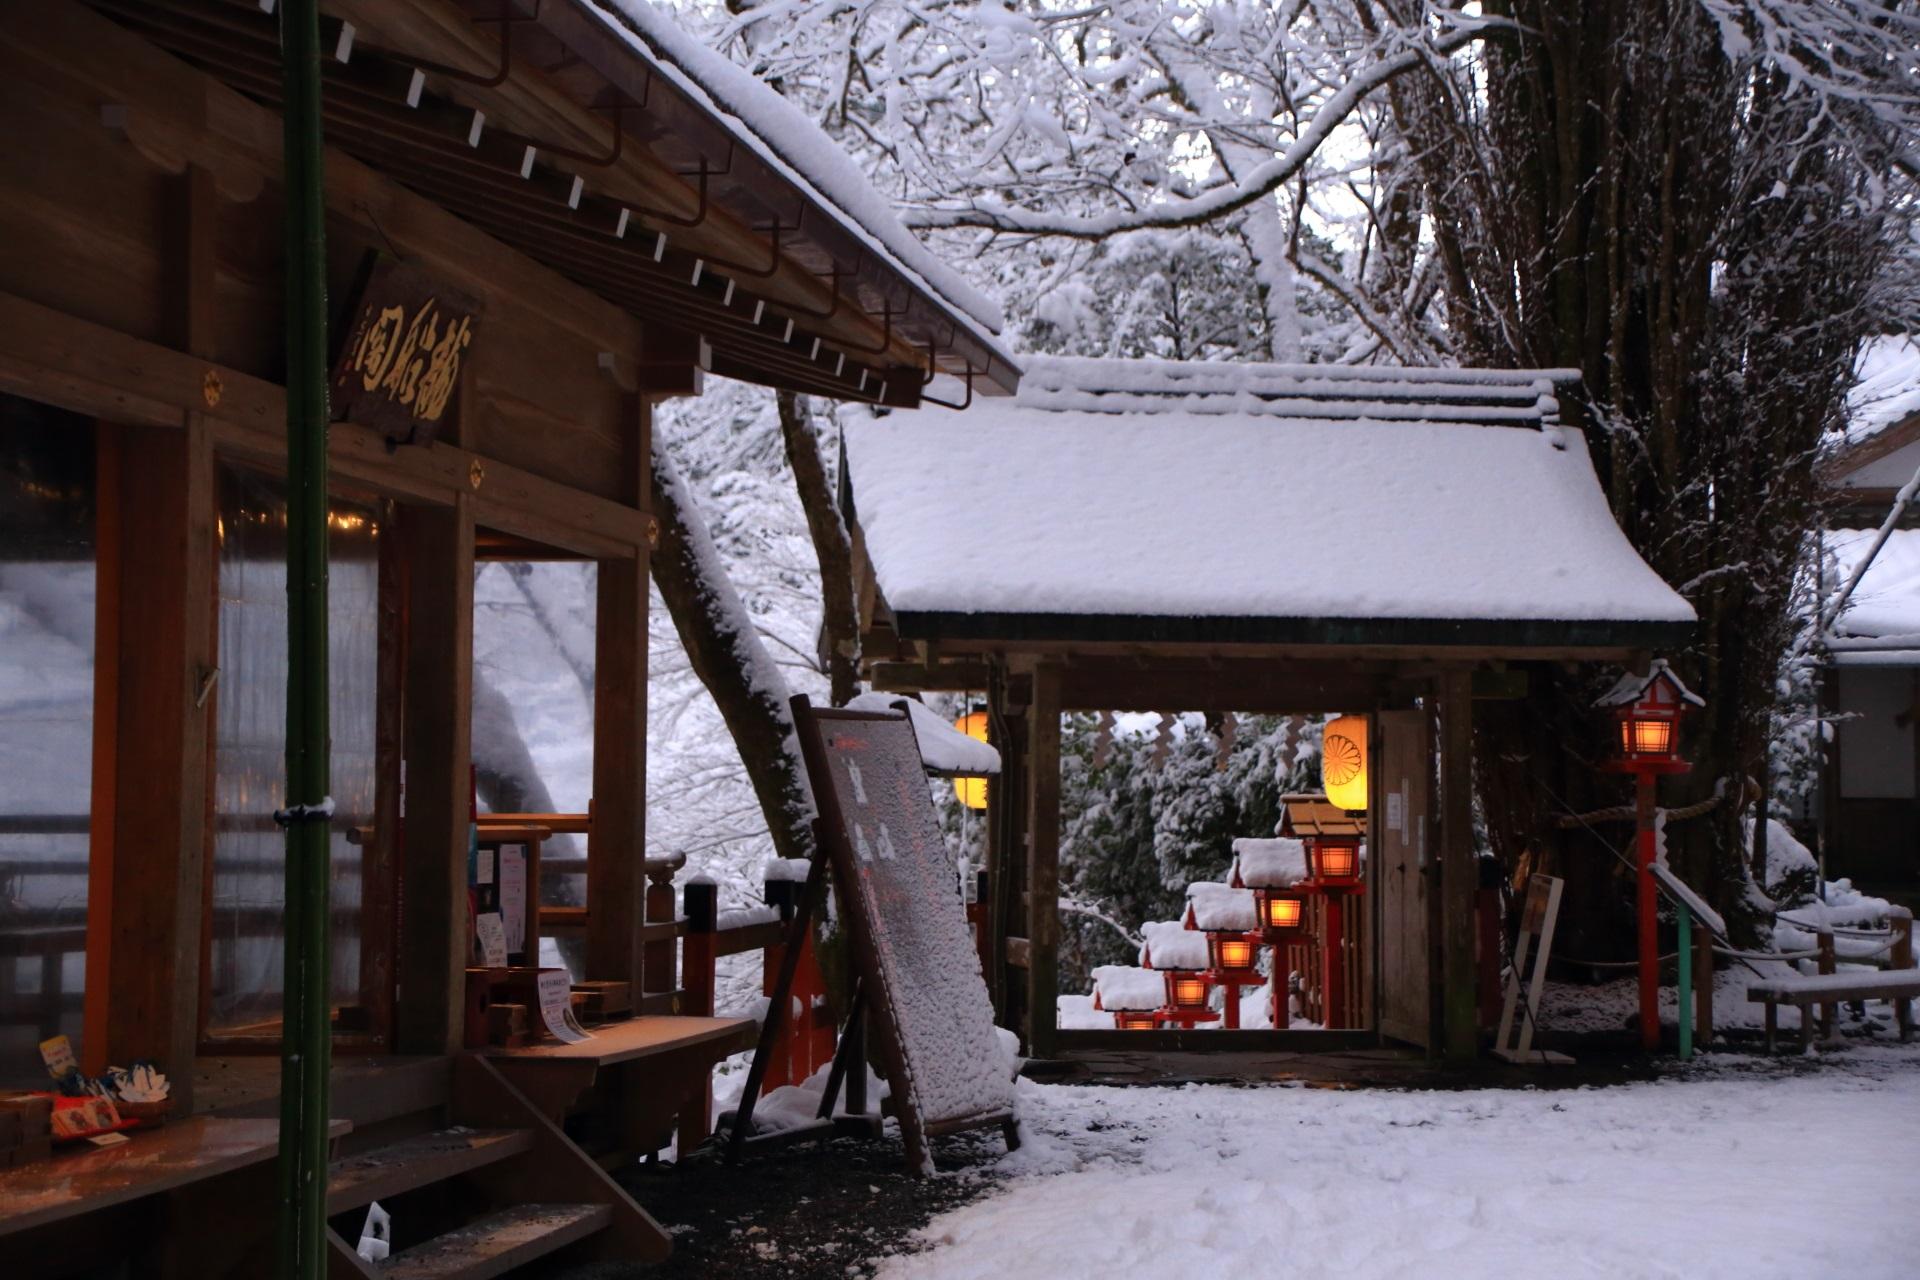 貴船神社の雪につつまれる龍船閣と山門